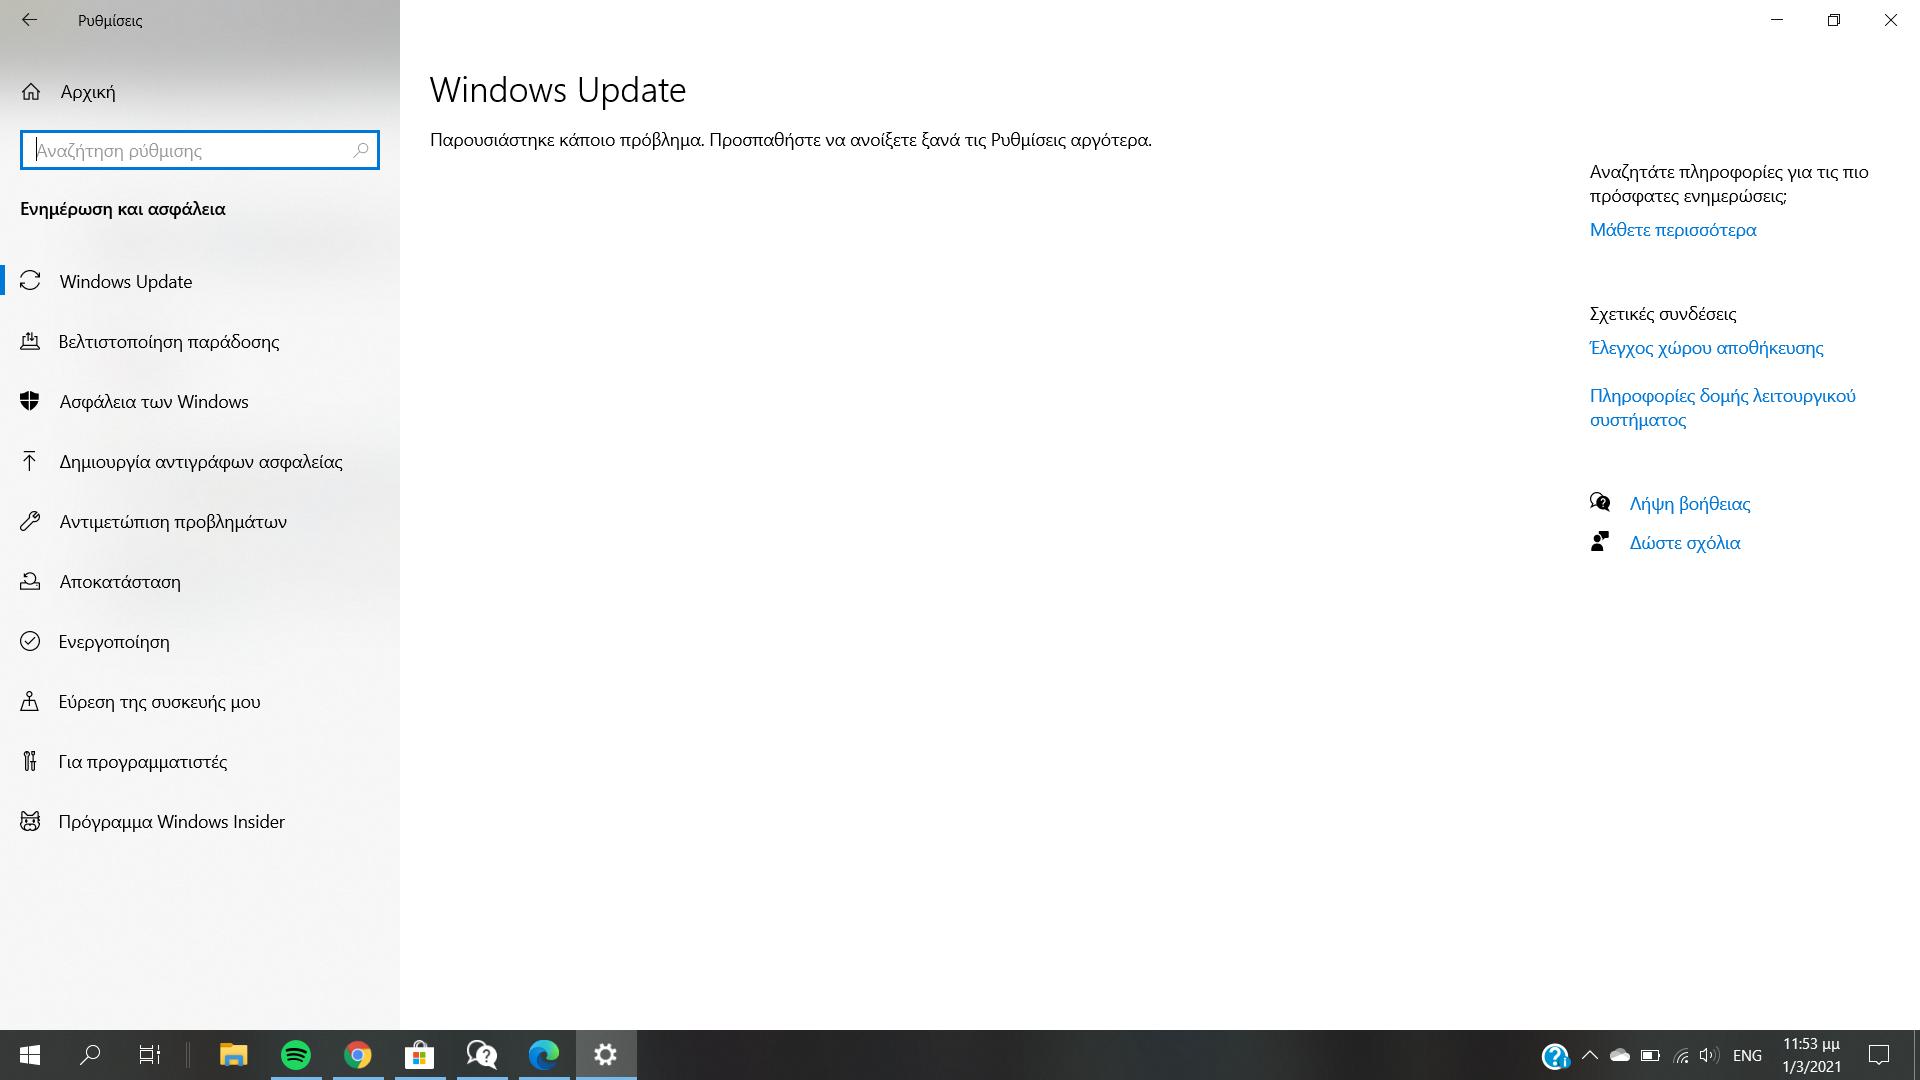 Updates fe8253ad-40a6-4eb6-a024-1461df234a19?upload=true.png